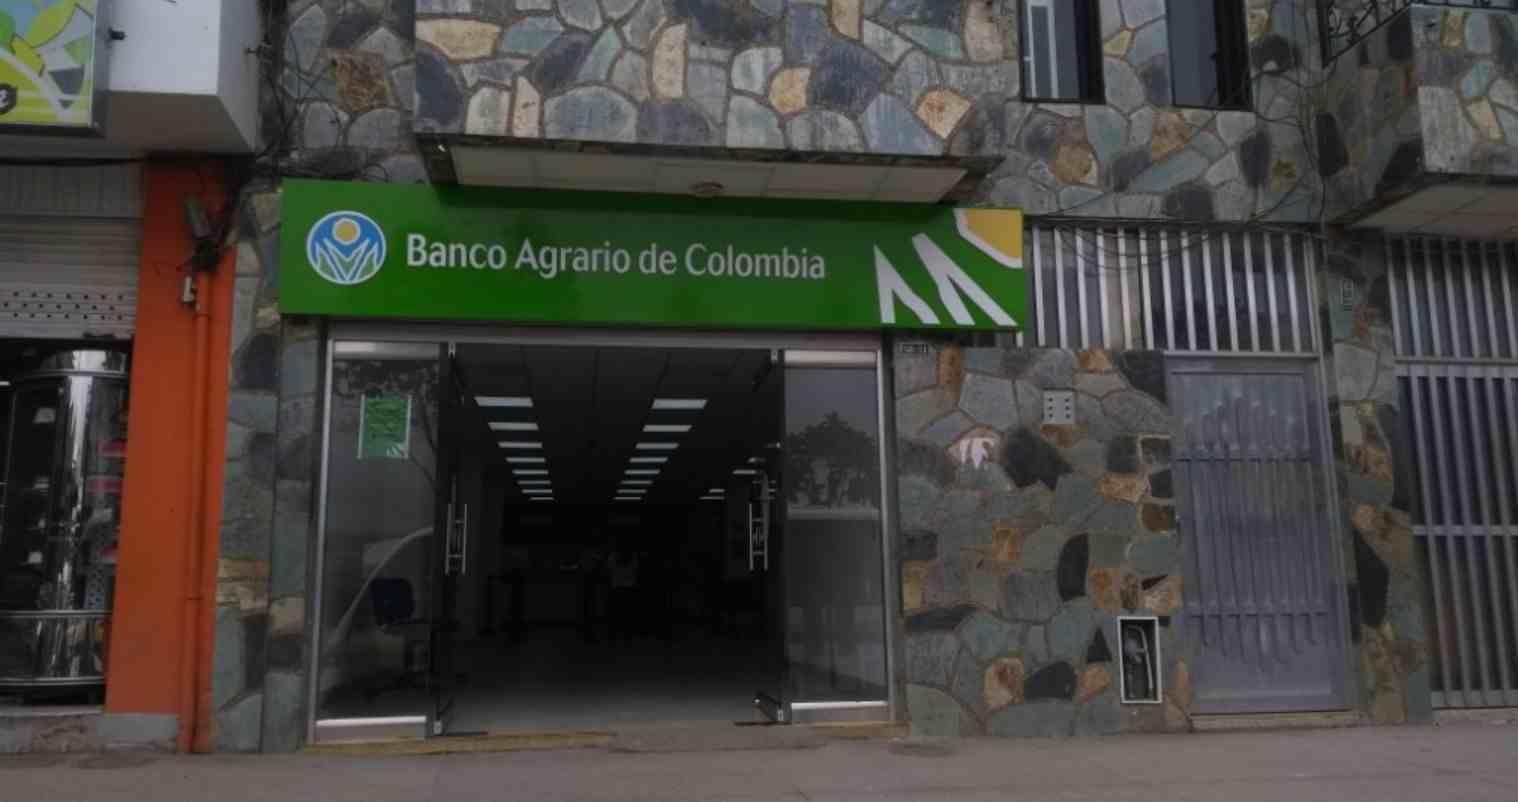 Banco Agrario: Así son los pagos del Ingreso Solidario en diciembre